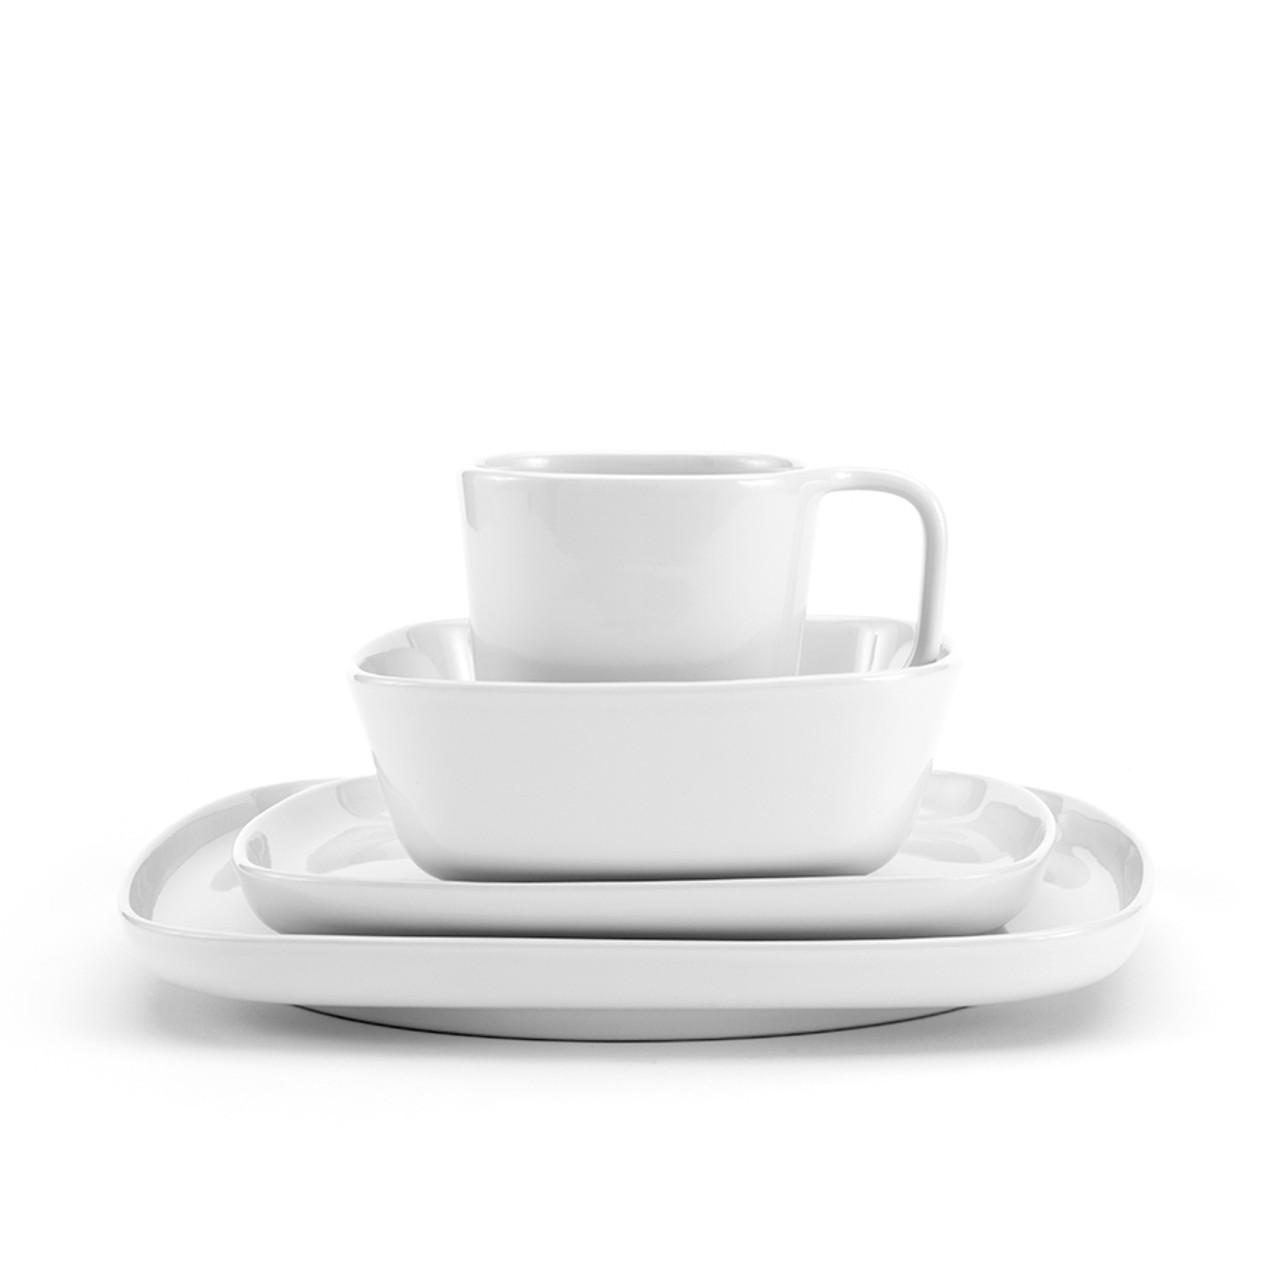 Karo - White Dinnerware 16 piece set